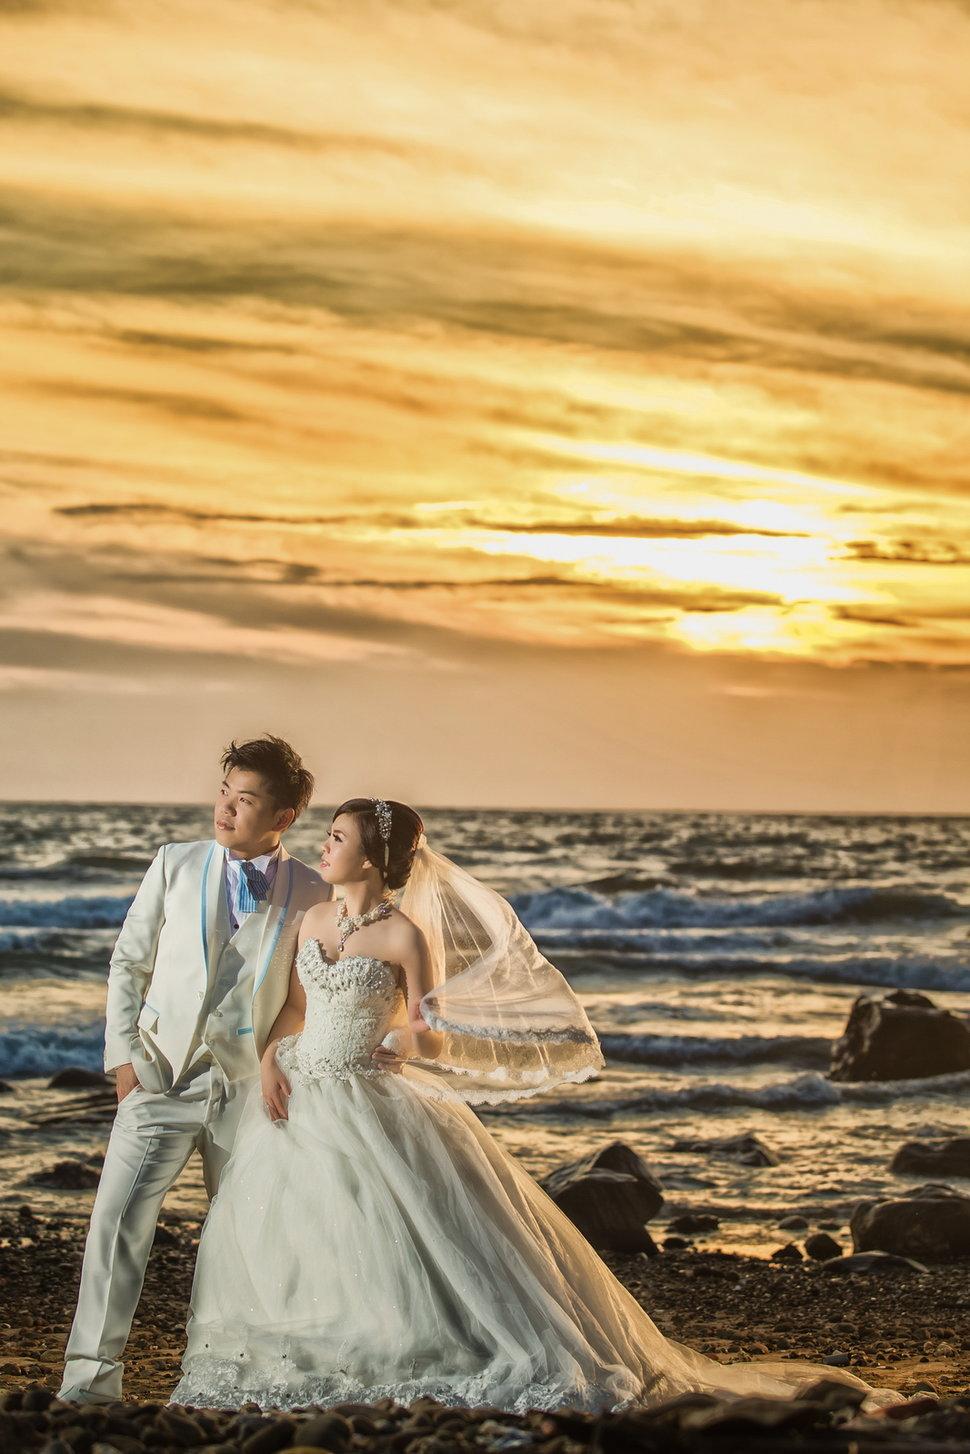 自助婚紗-淡水教堂-婚攝阿卜(編號:433924) - 阿卜的攝影工作室 - 結婚吧